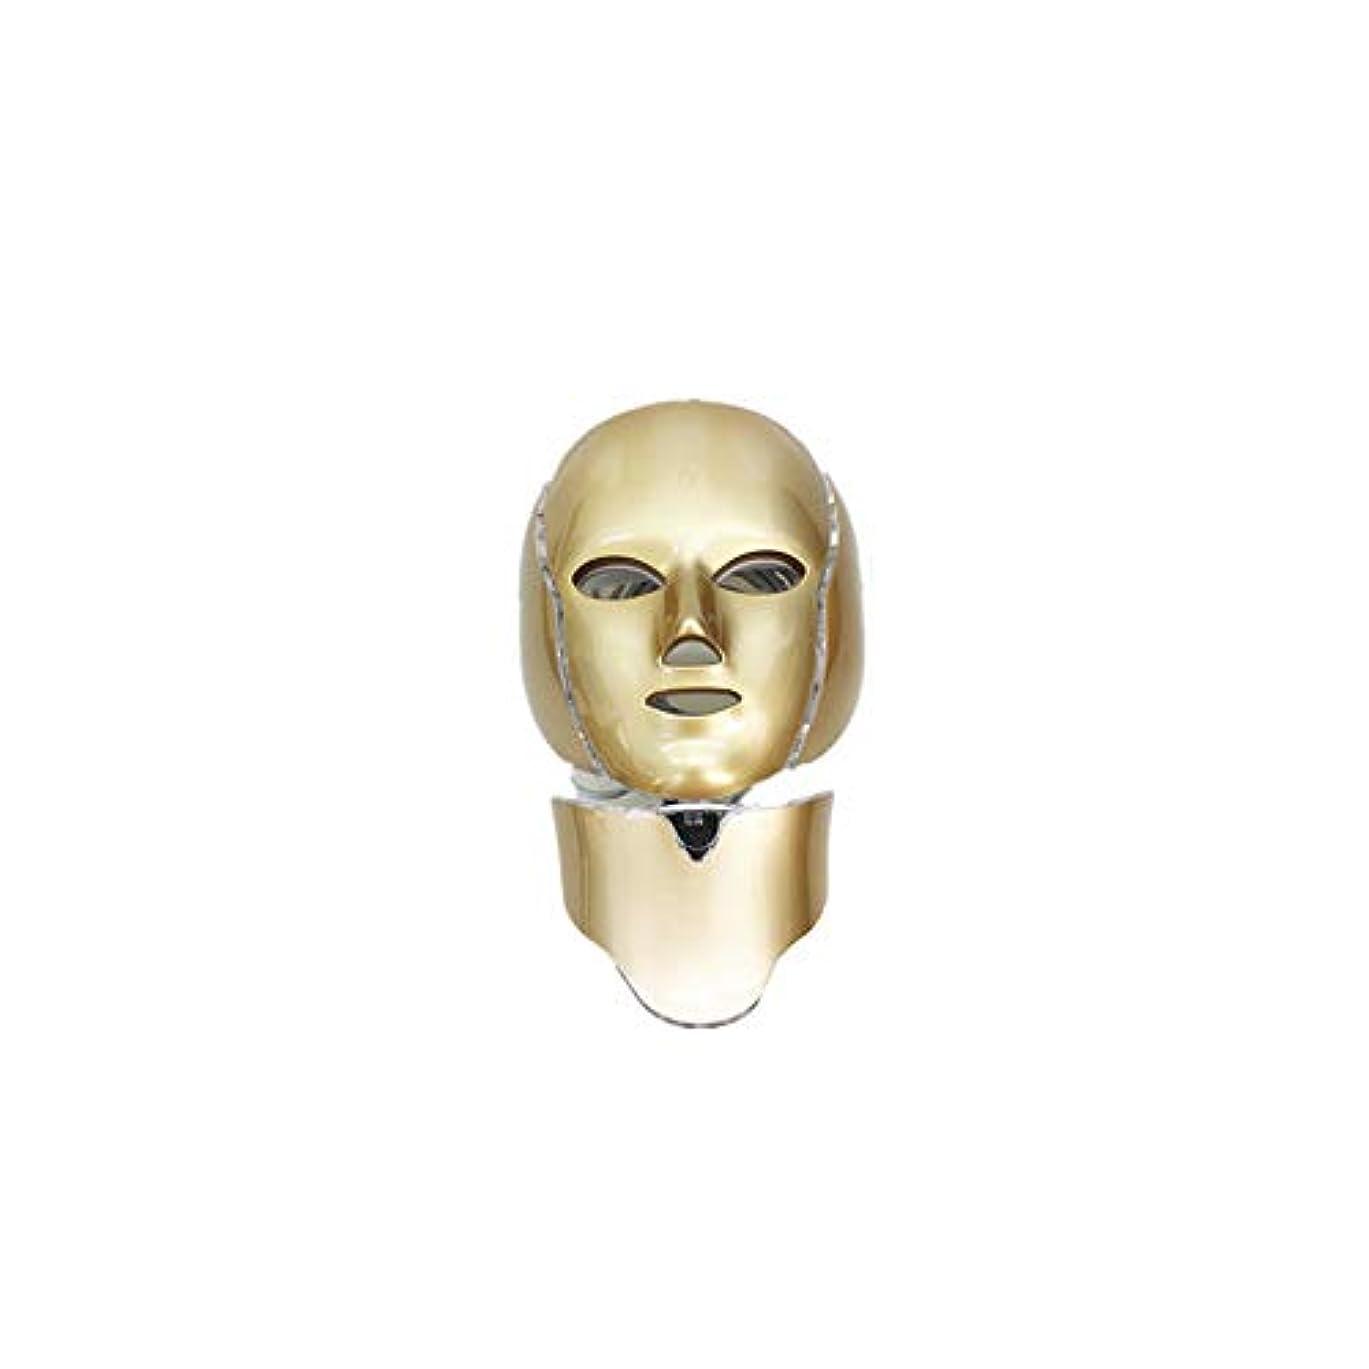 テナント融合引退するOnepeak 美肌若返りマイクロ電流マスク楽器ネックネックマスク7色フォトニックニキビ美肌ホーム